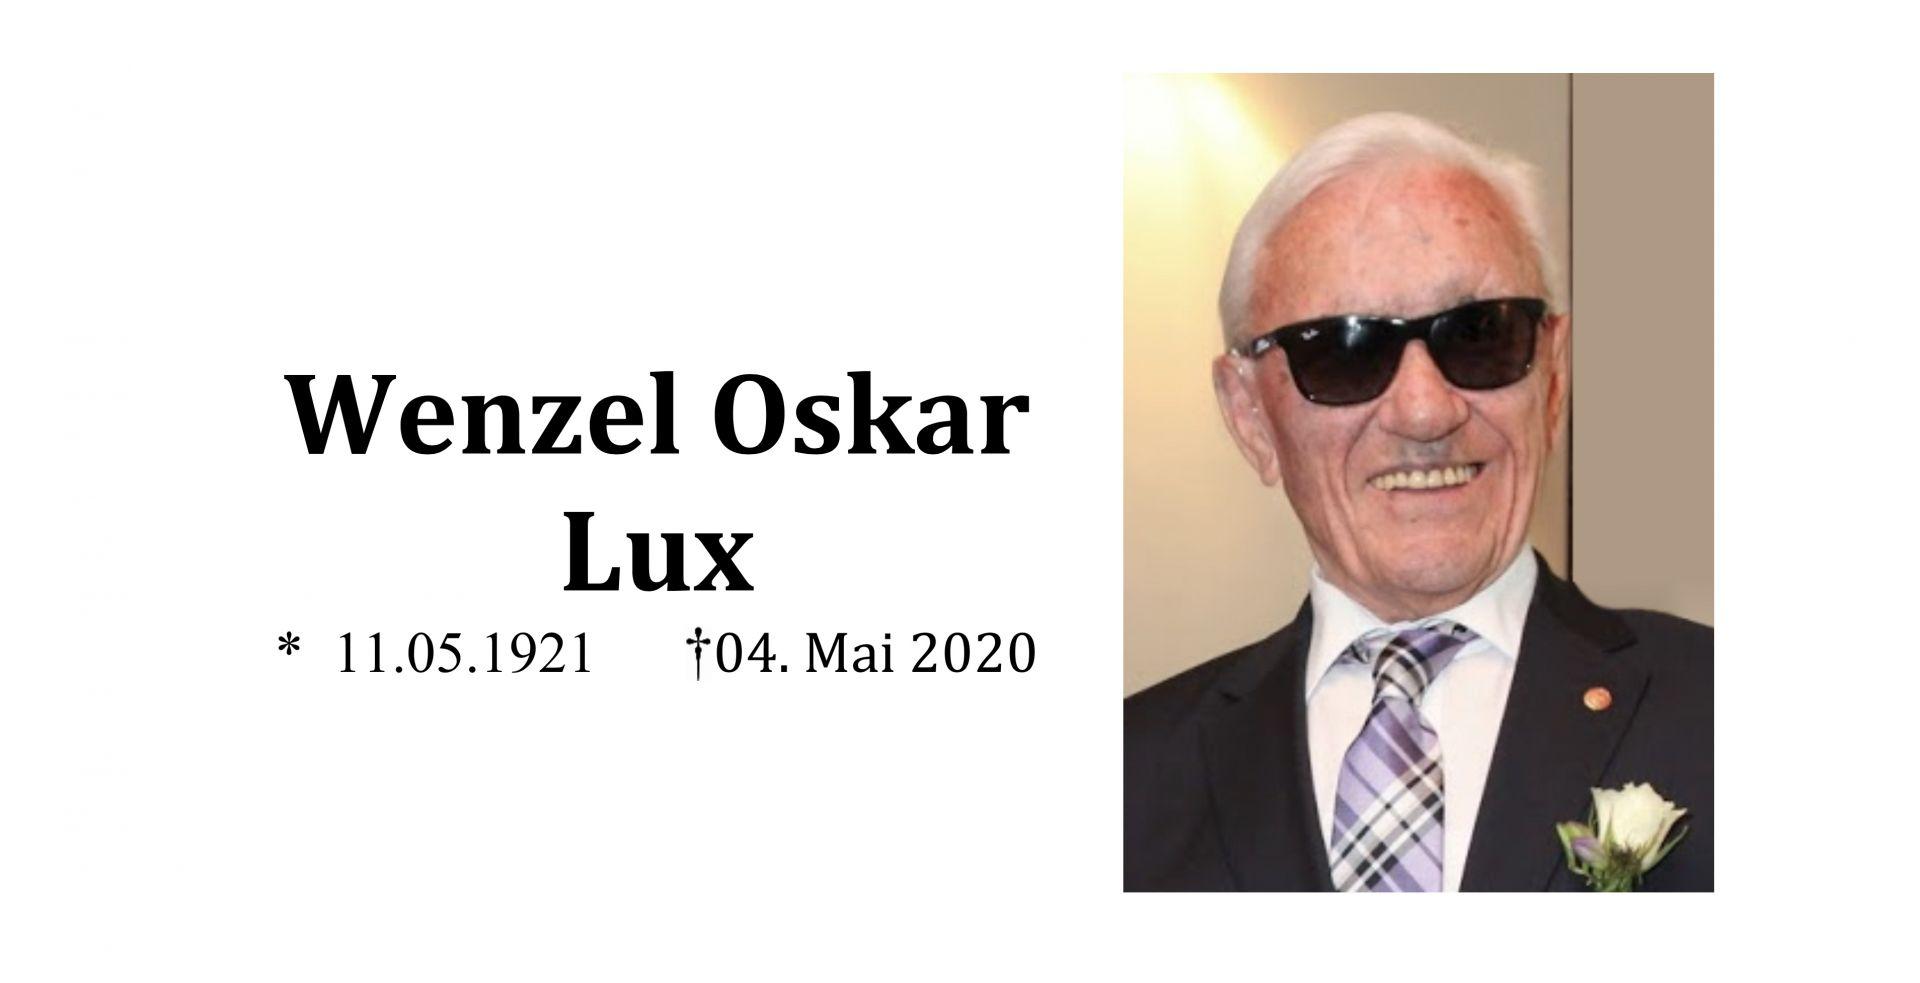 oskar wenzel lux - Wenzel Oskar Lux